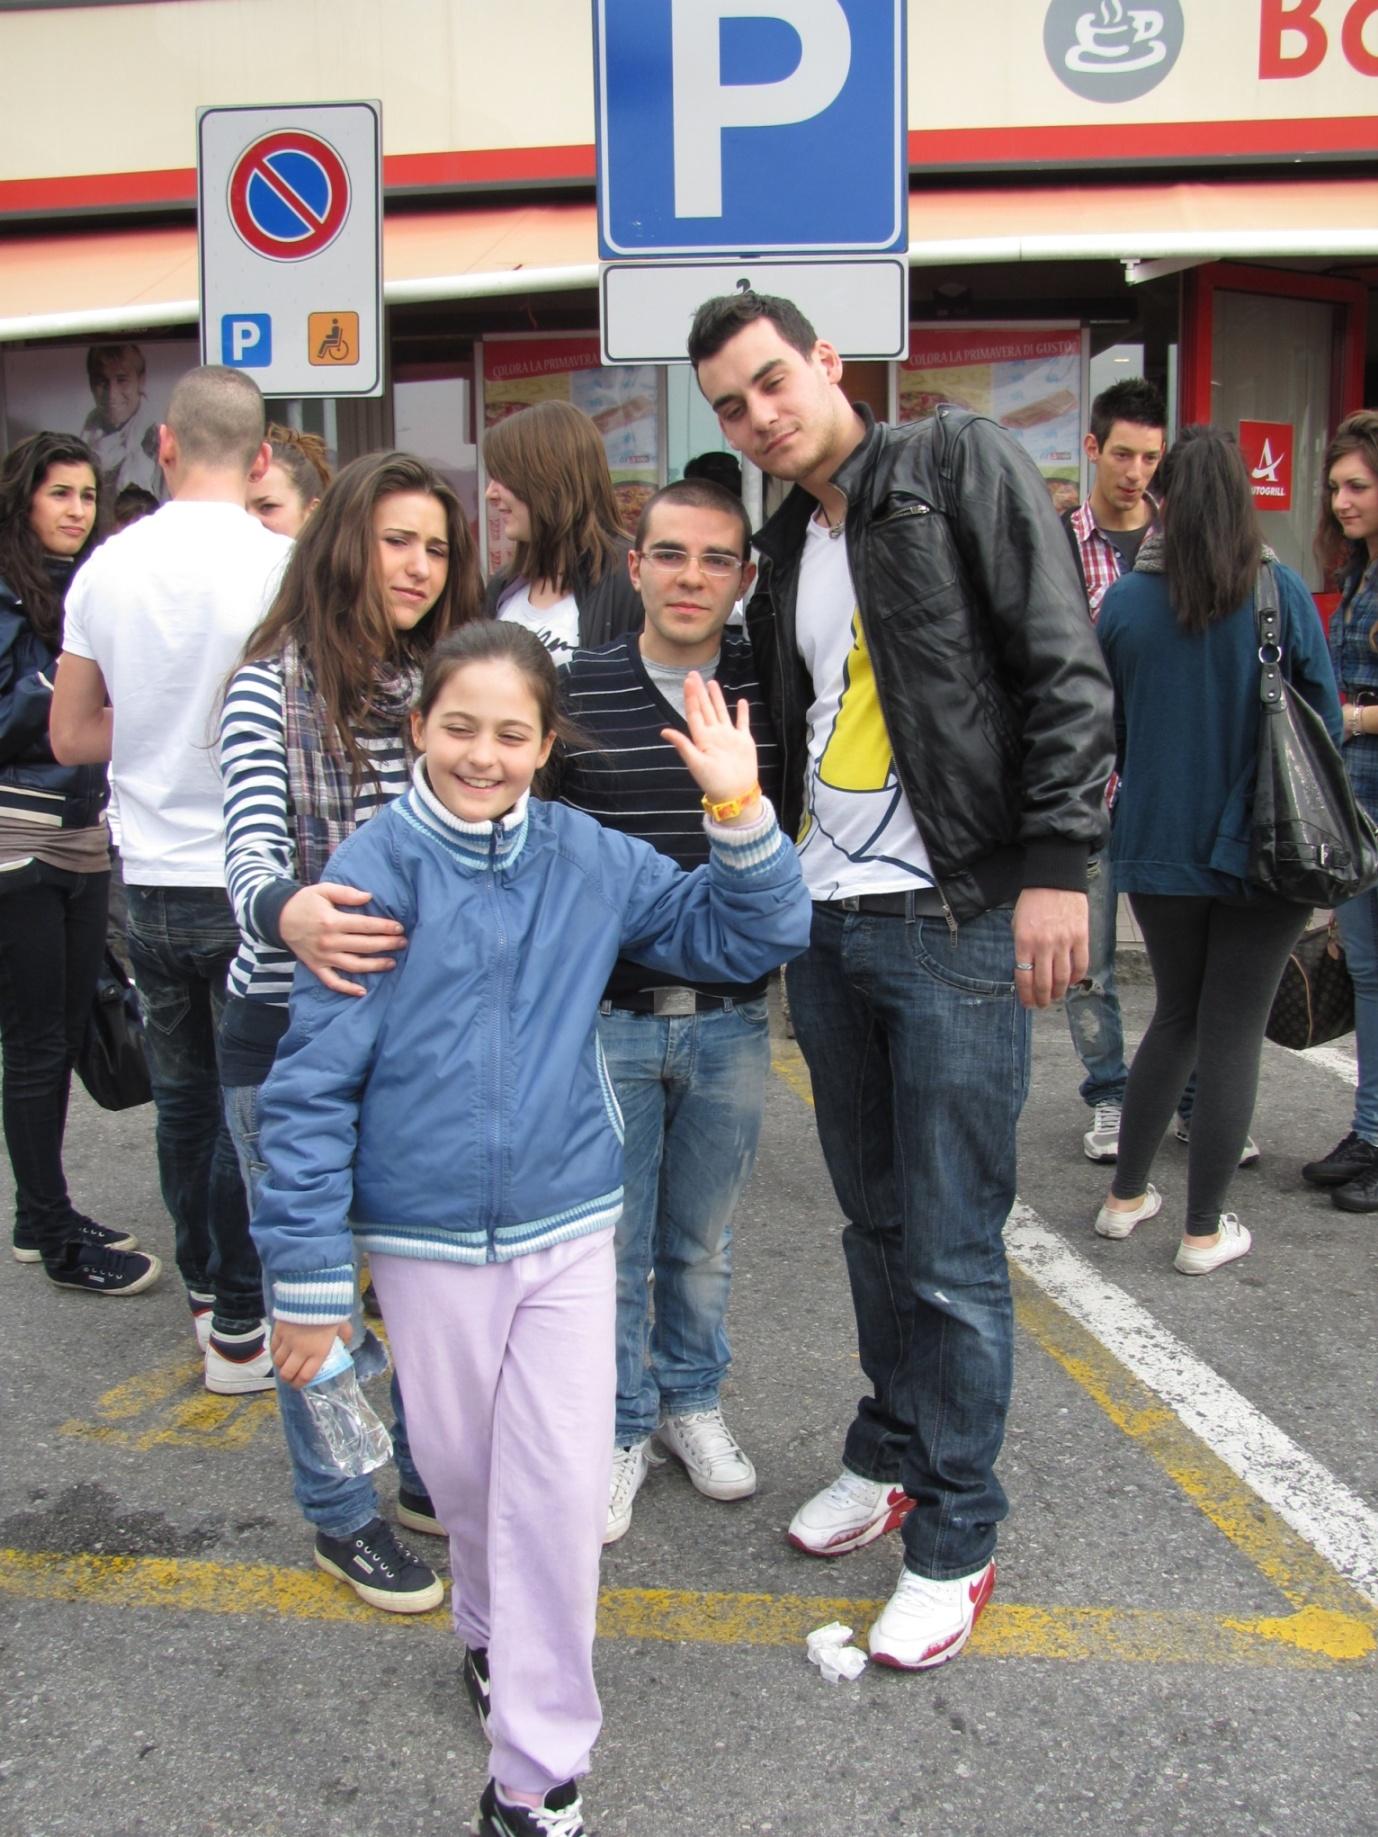 pasquetta_dolceacqua-2011-04-25-09-32-00